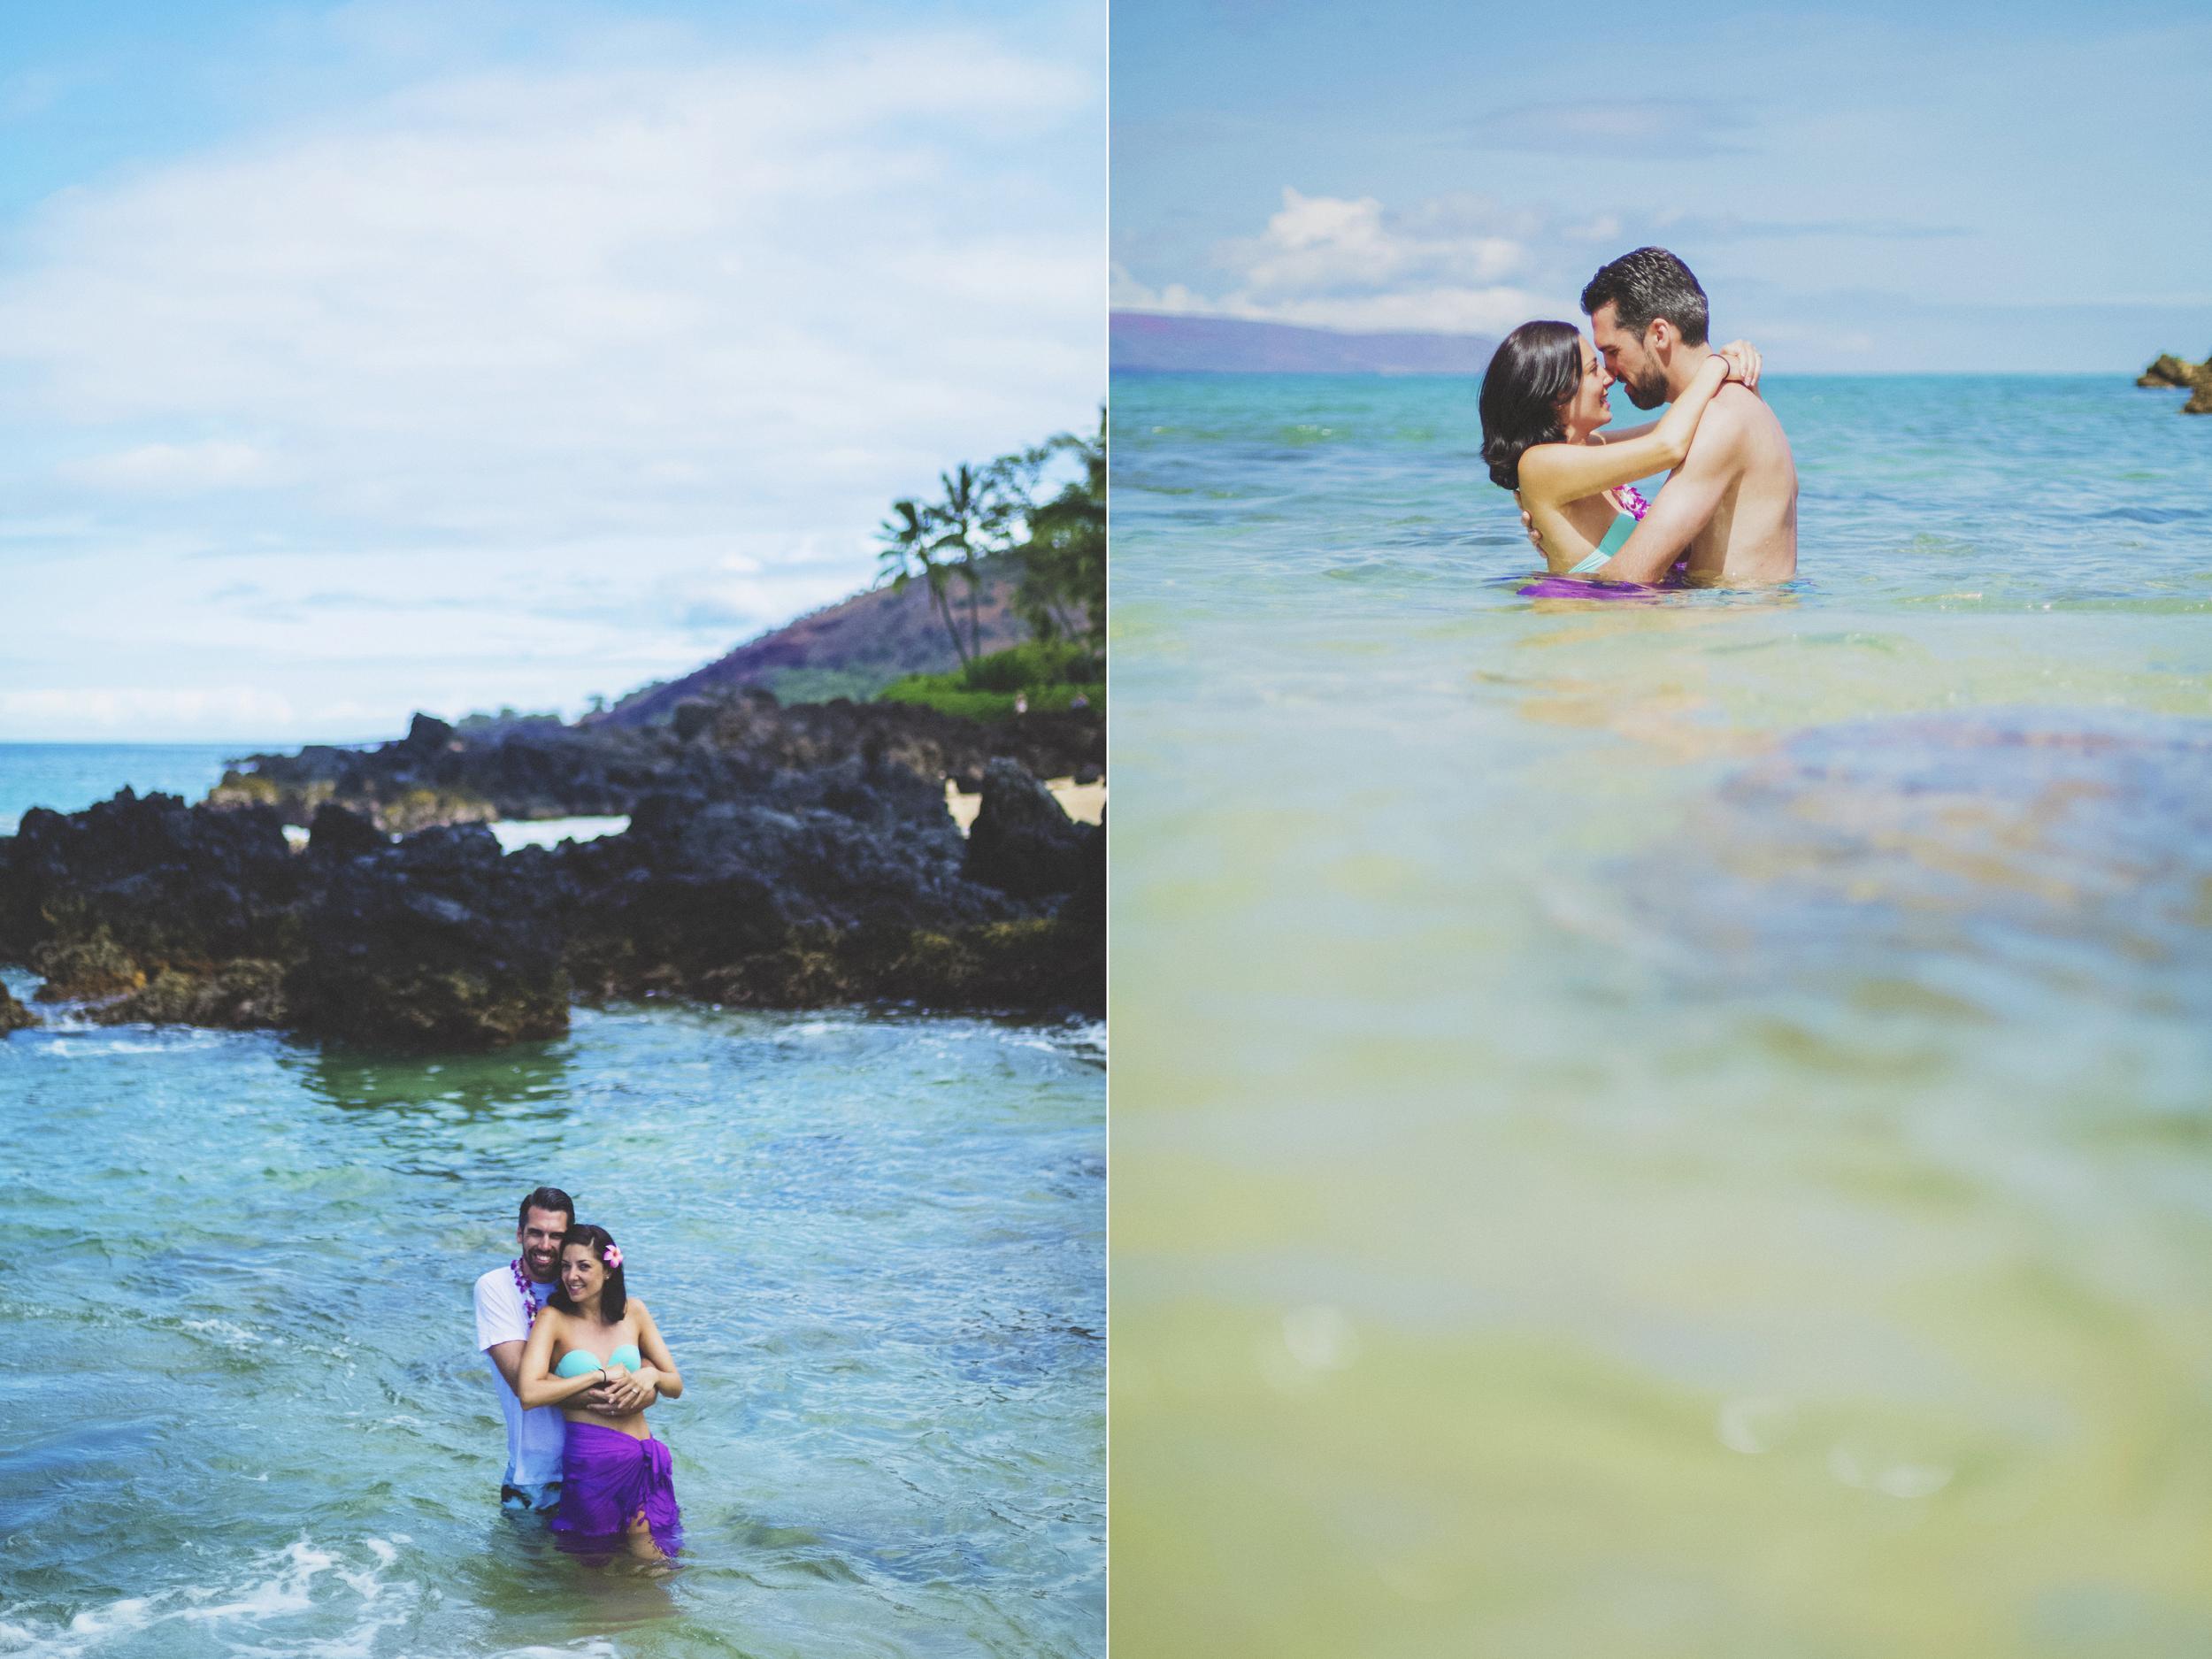 angie-diaz-photography-maui-beach-honeymoon-photographer-14.jpg